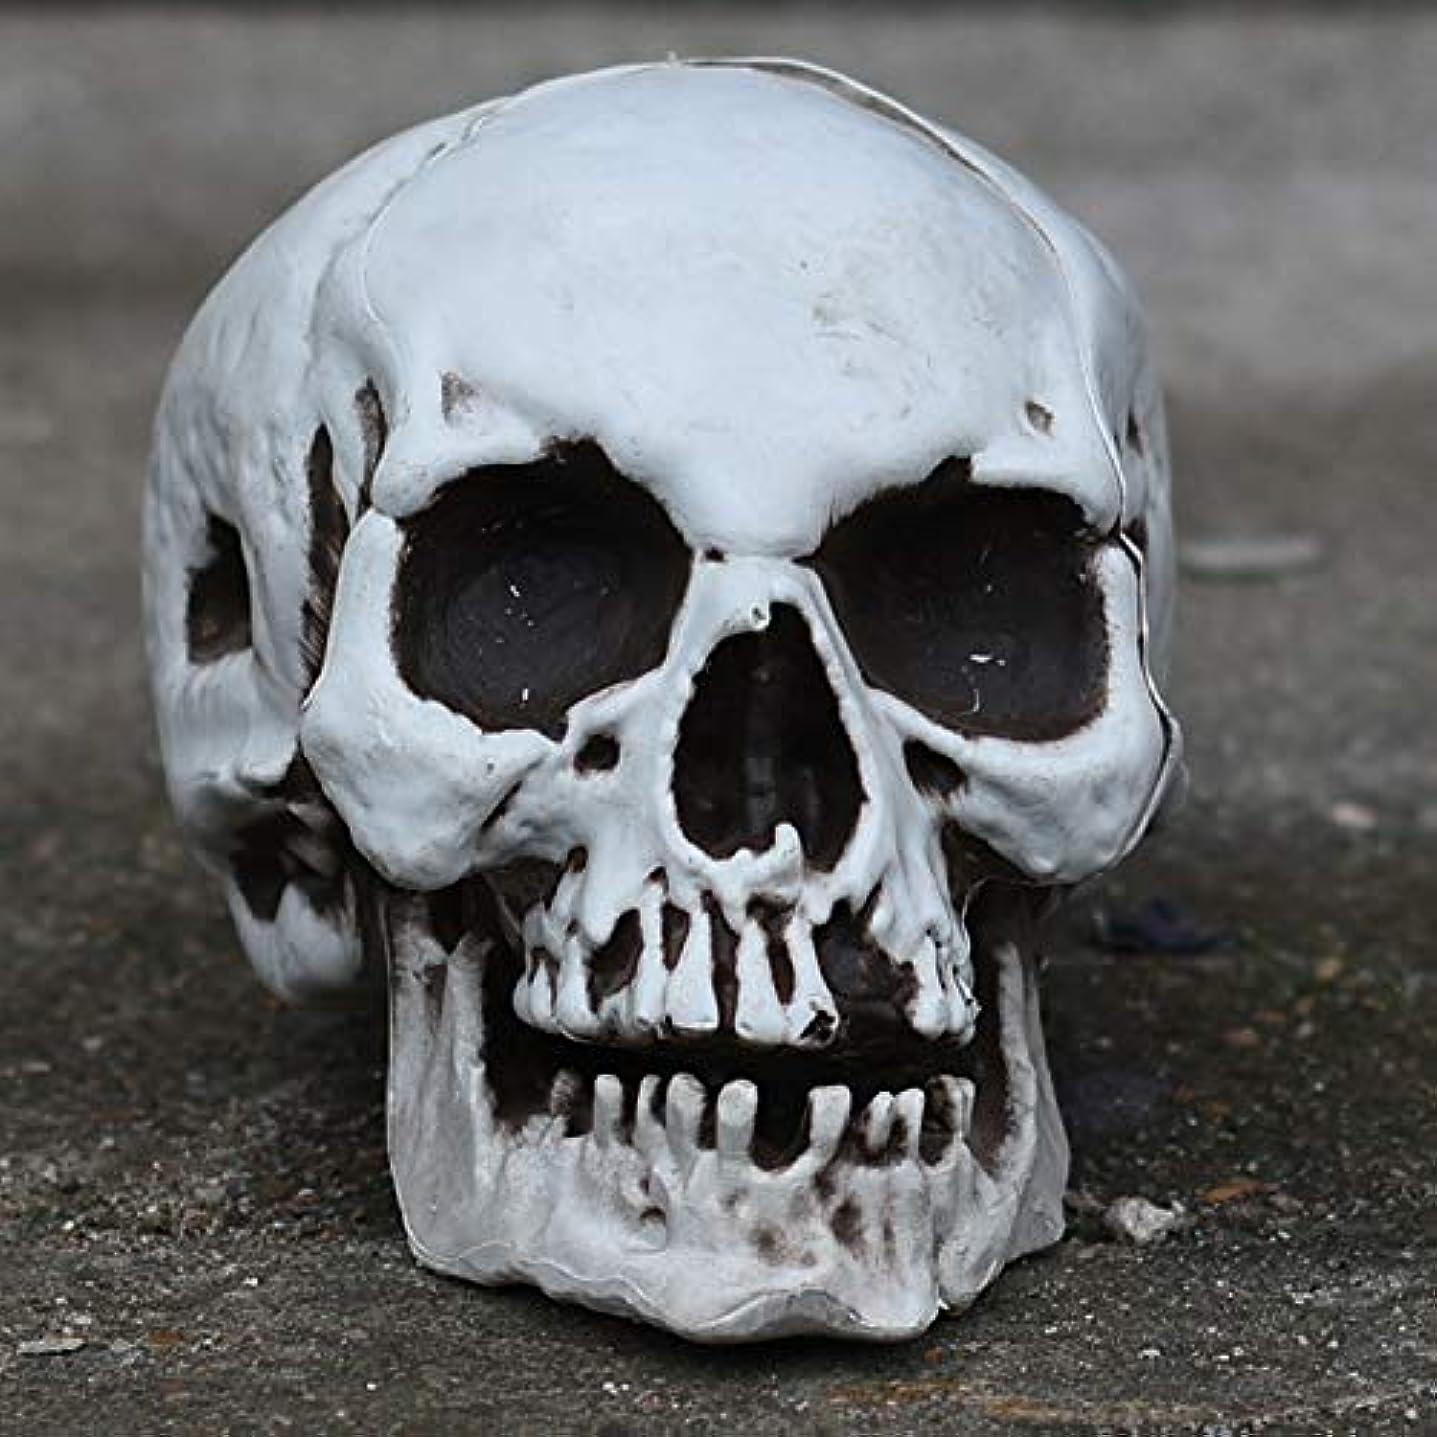 破壊的ポークバナーETRRUU HOME 腐ったゴーストハロウィンバーお化け屋敷シークレットルームスカルヘッド装飾品シミュレーション人骨モデルコスプレ装飾